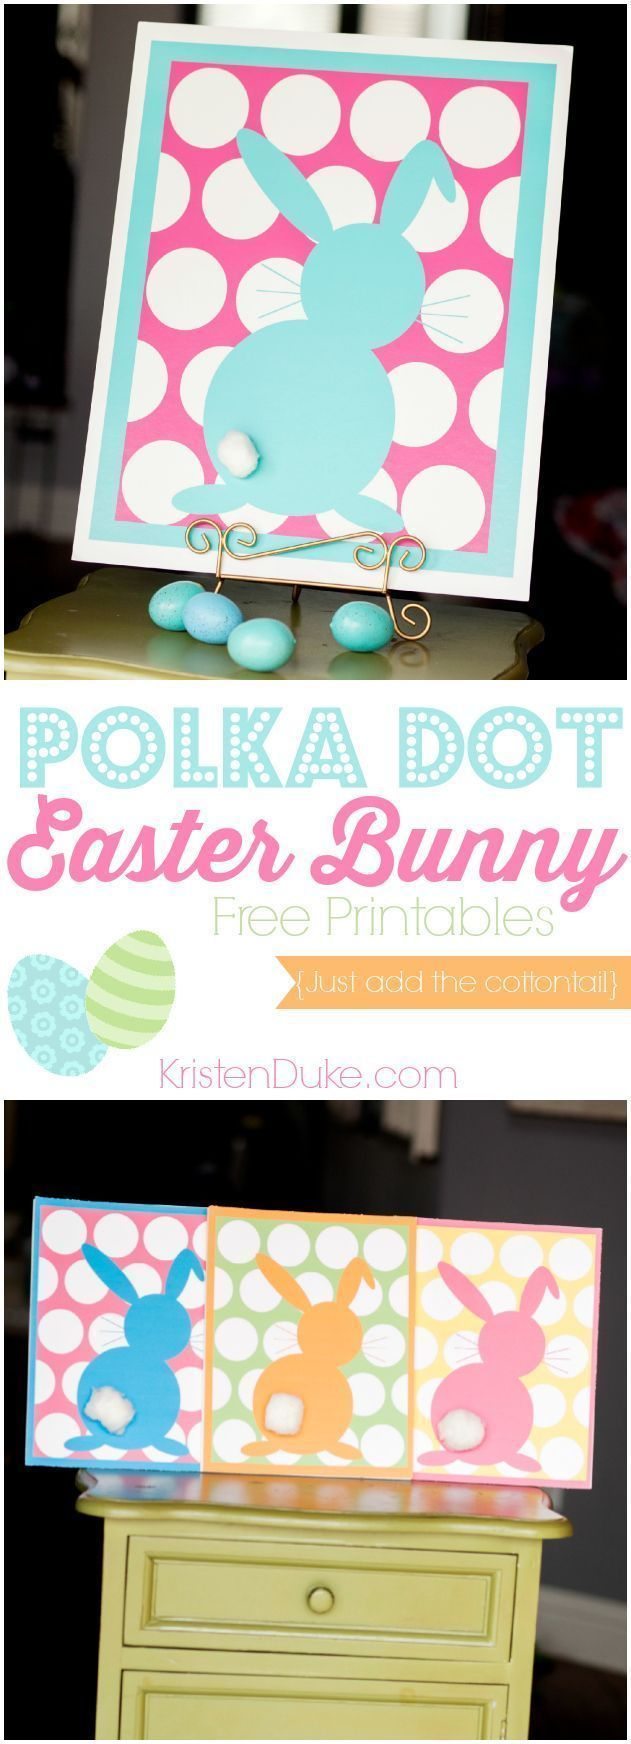 Polka Dot Easter Bunny Free Printable at KristenDuke.com